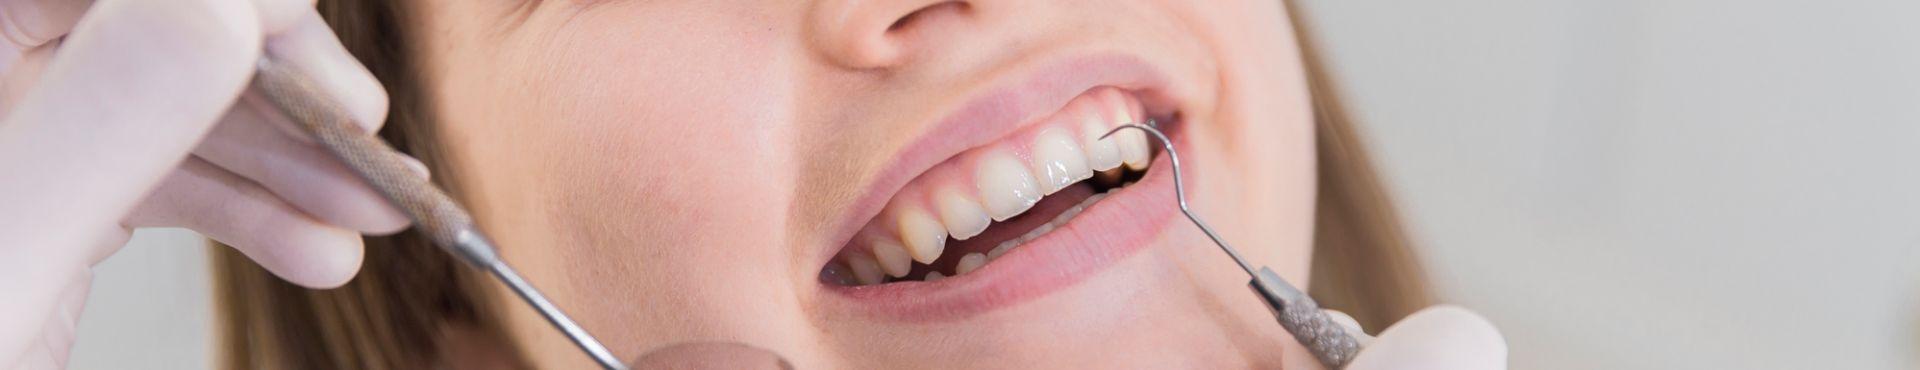 ΠΡΟΓΡΑΜΜΑΤΑ ΓΙΑ Οδοντιατρικά προγράμματα